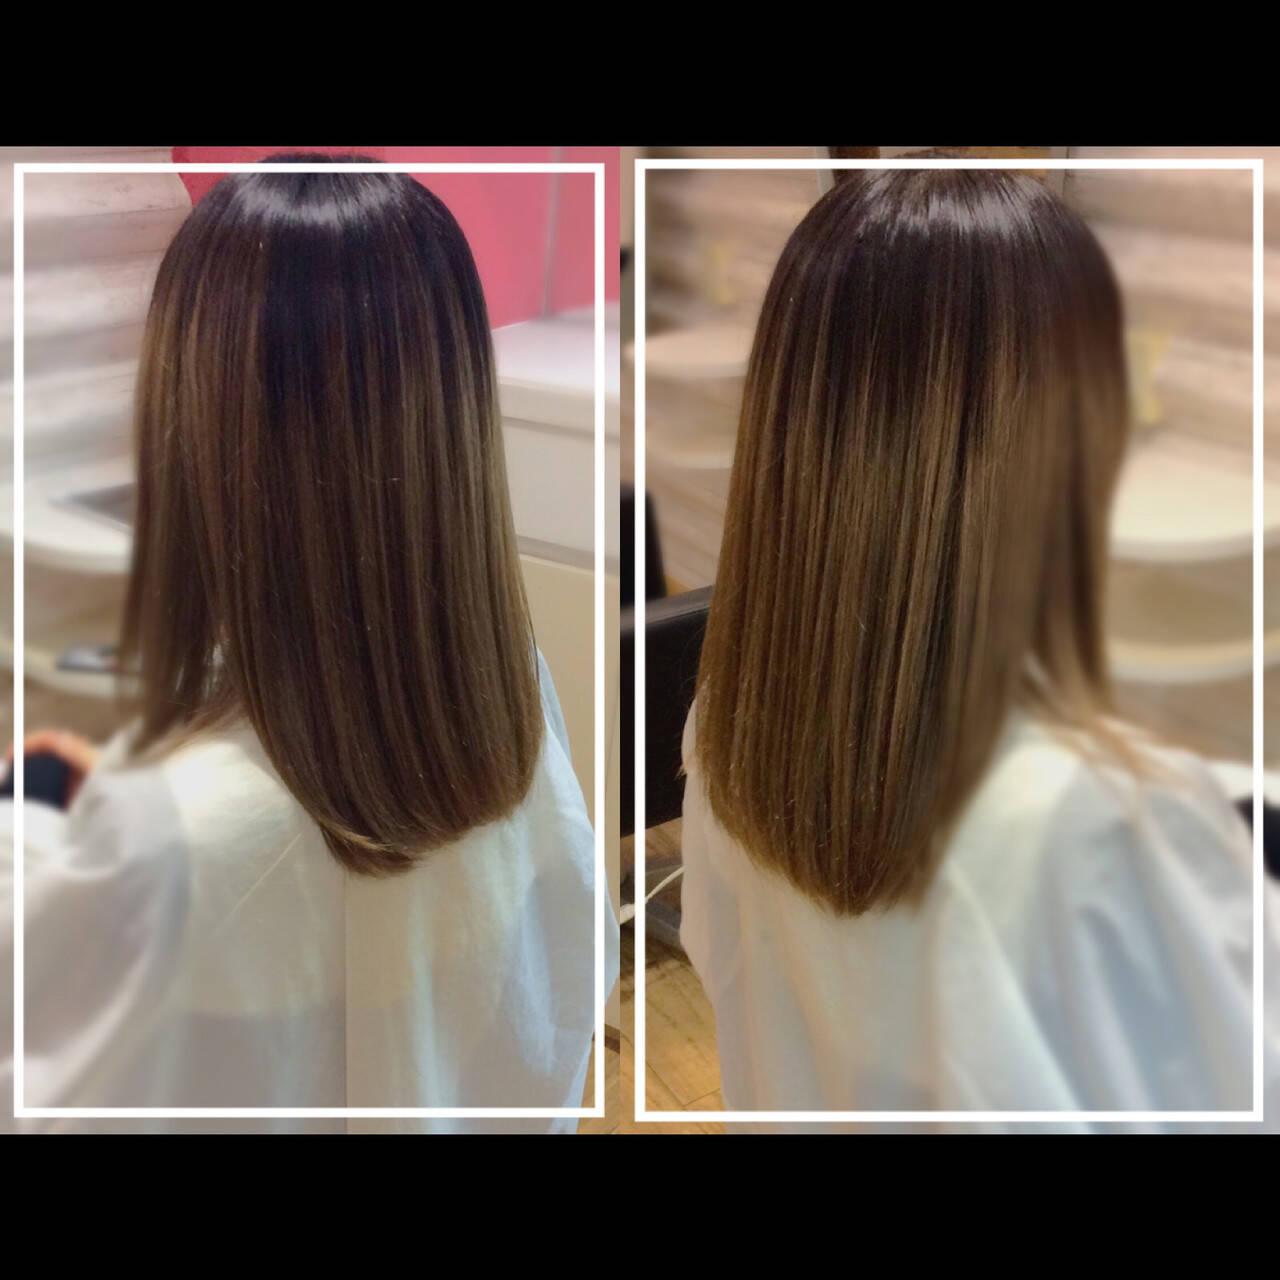 ハイトーンカラー 髪質改善 バレイヤージュ 髪質改善カラーヘアスタイルや髪型の写真・画像